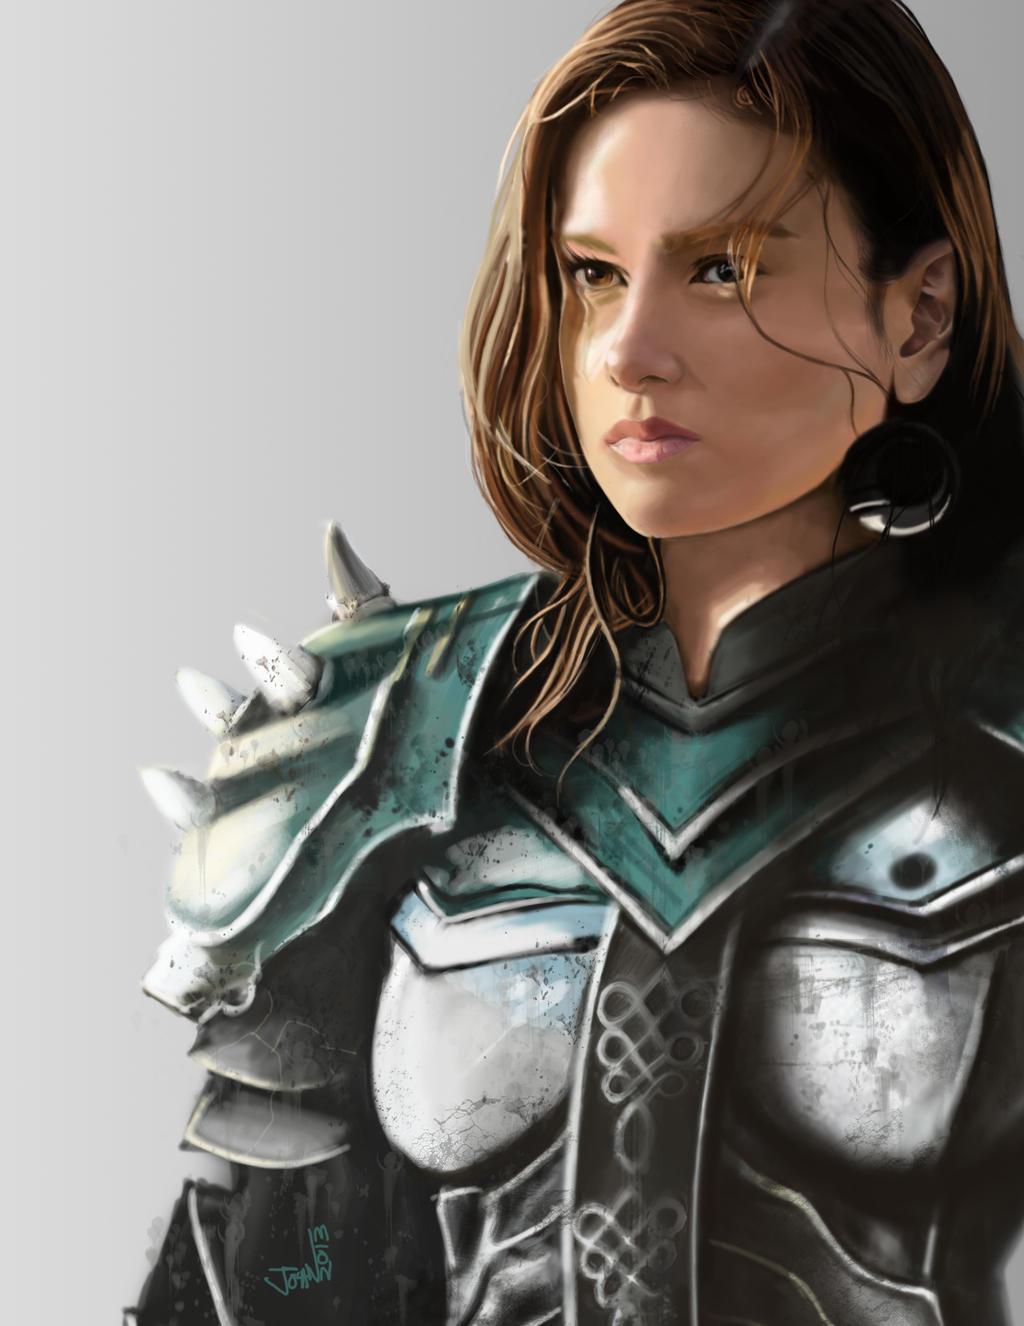 http://fc07.deviantart.net/fs70/i/2013/112/c/a/warrior_concept_woman_by_man_to_man-d62p6mk.jpg